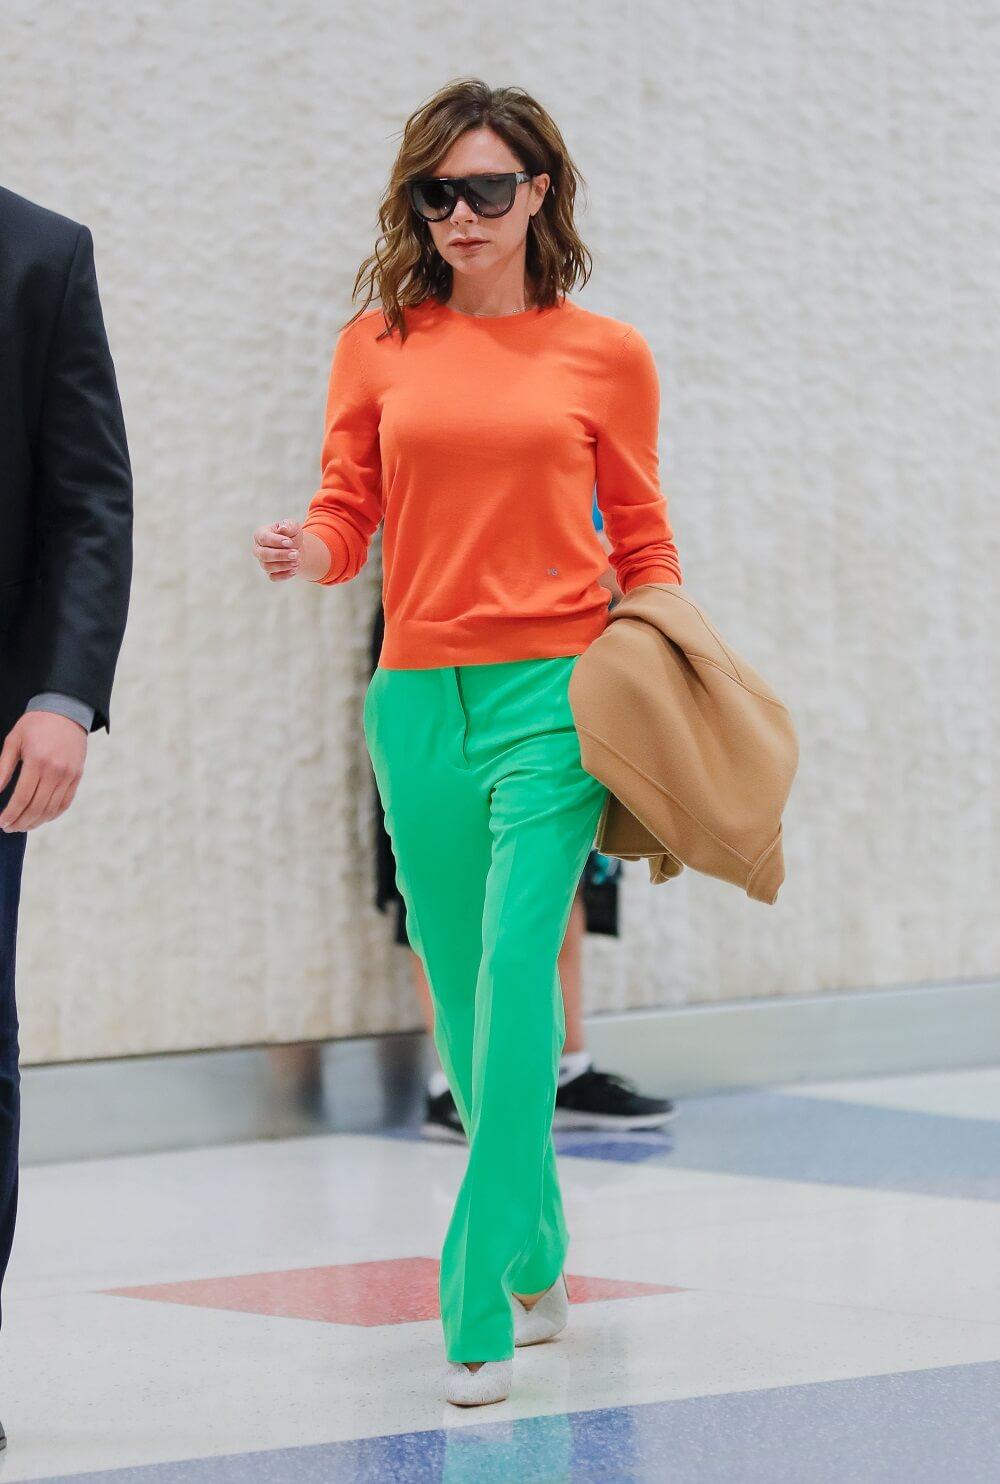 ヴィクトリア・ベッカムの私服ファッション写真(オレンジのニット)